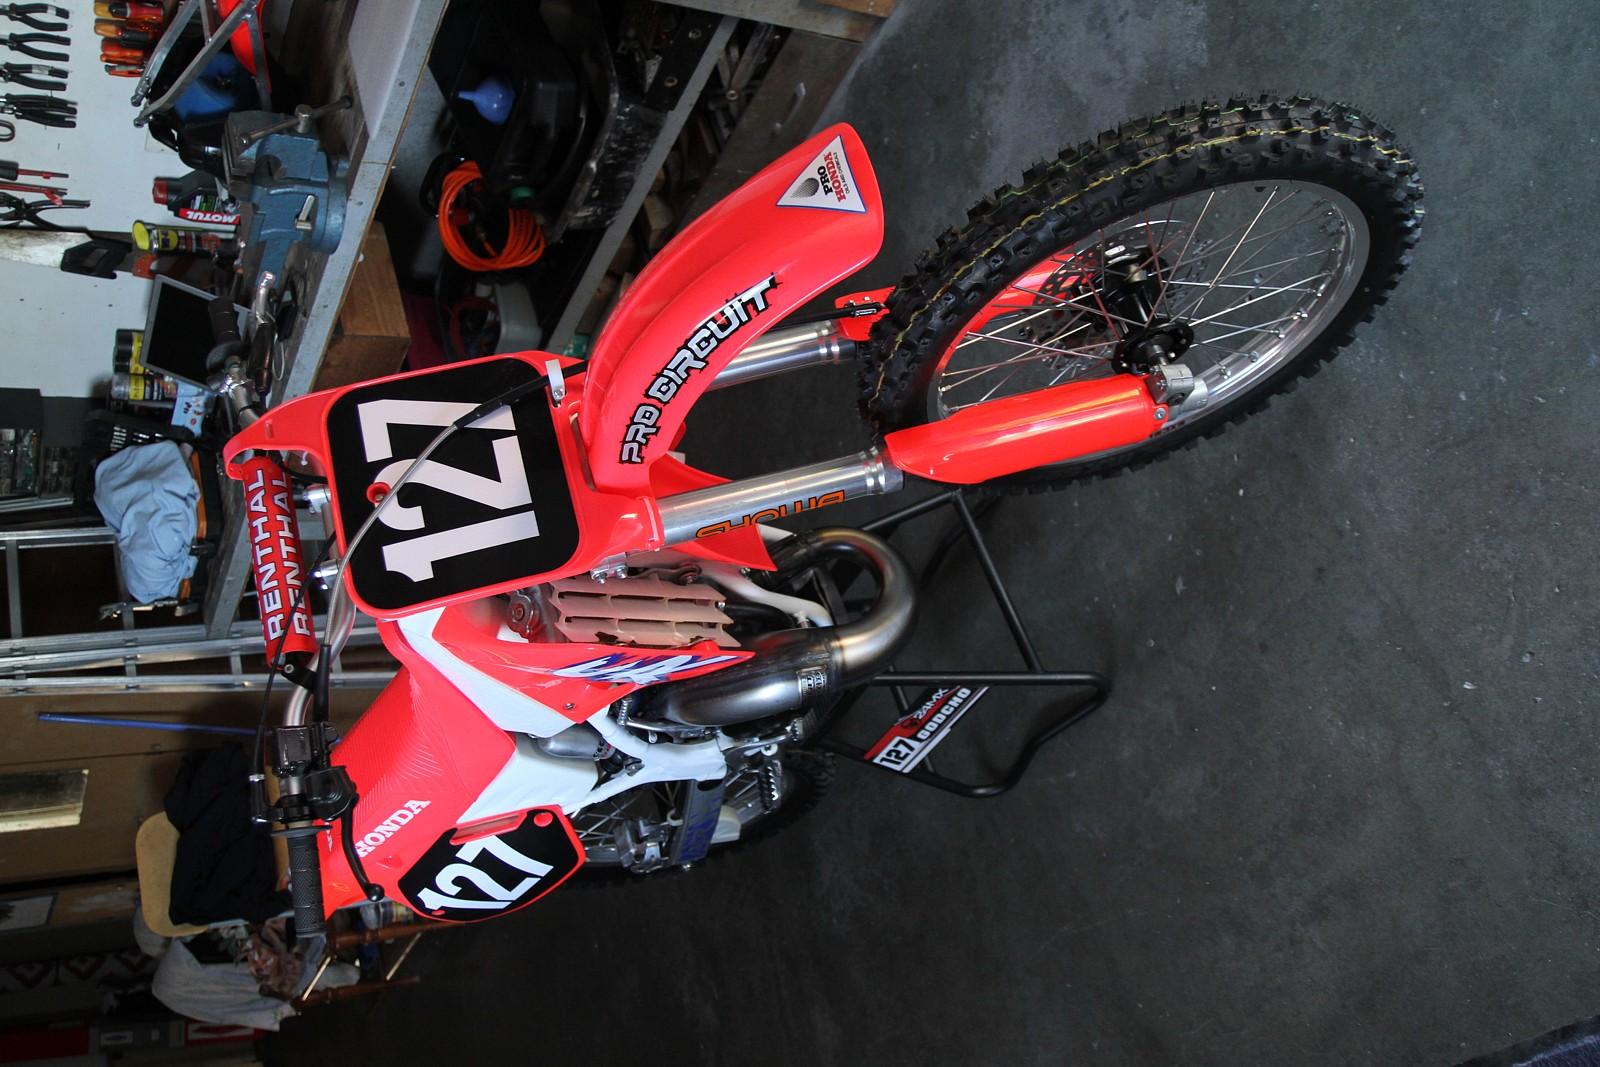 40668DA1-29E9-4B37-BC56-8E99B109B084 - Godcho - Motocross Pictures - Vital MX